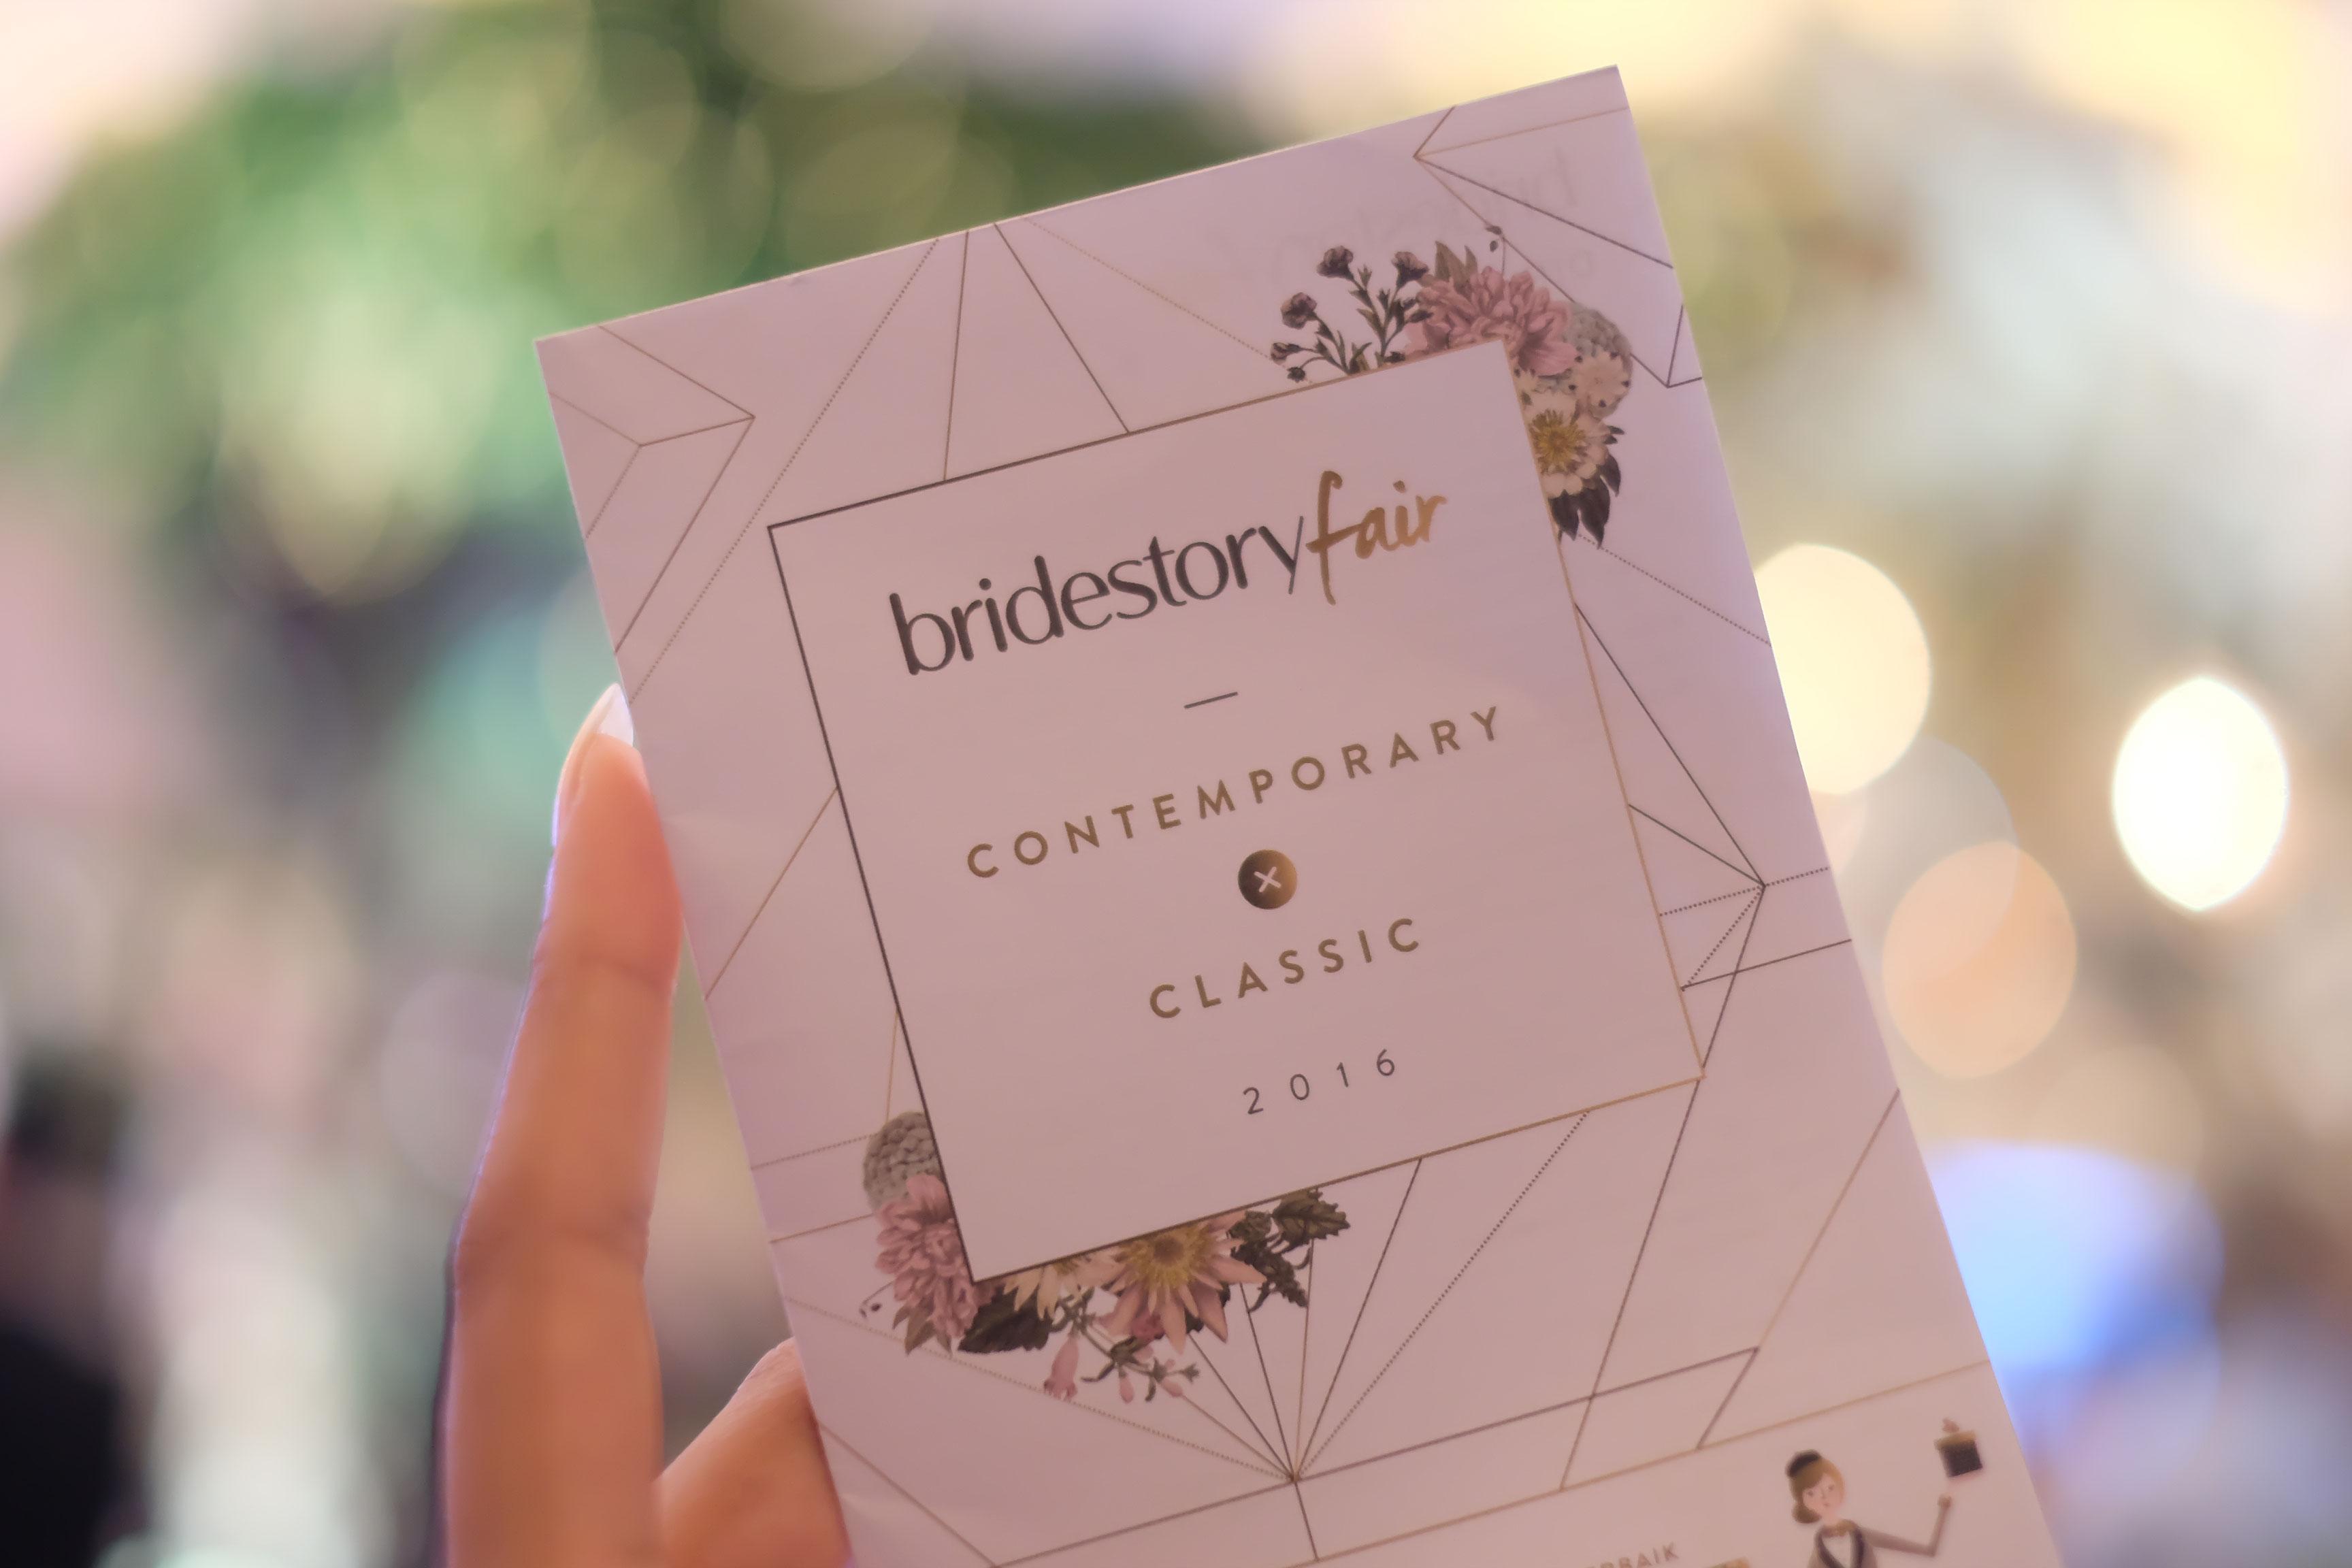 Mengenal 100 Vendor Pernikahan Terbaik di Bridestory Fair Jakarta